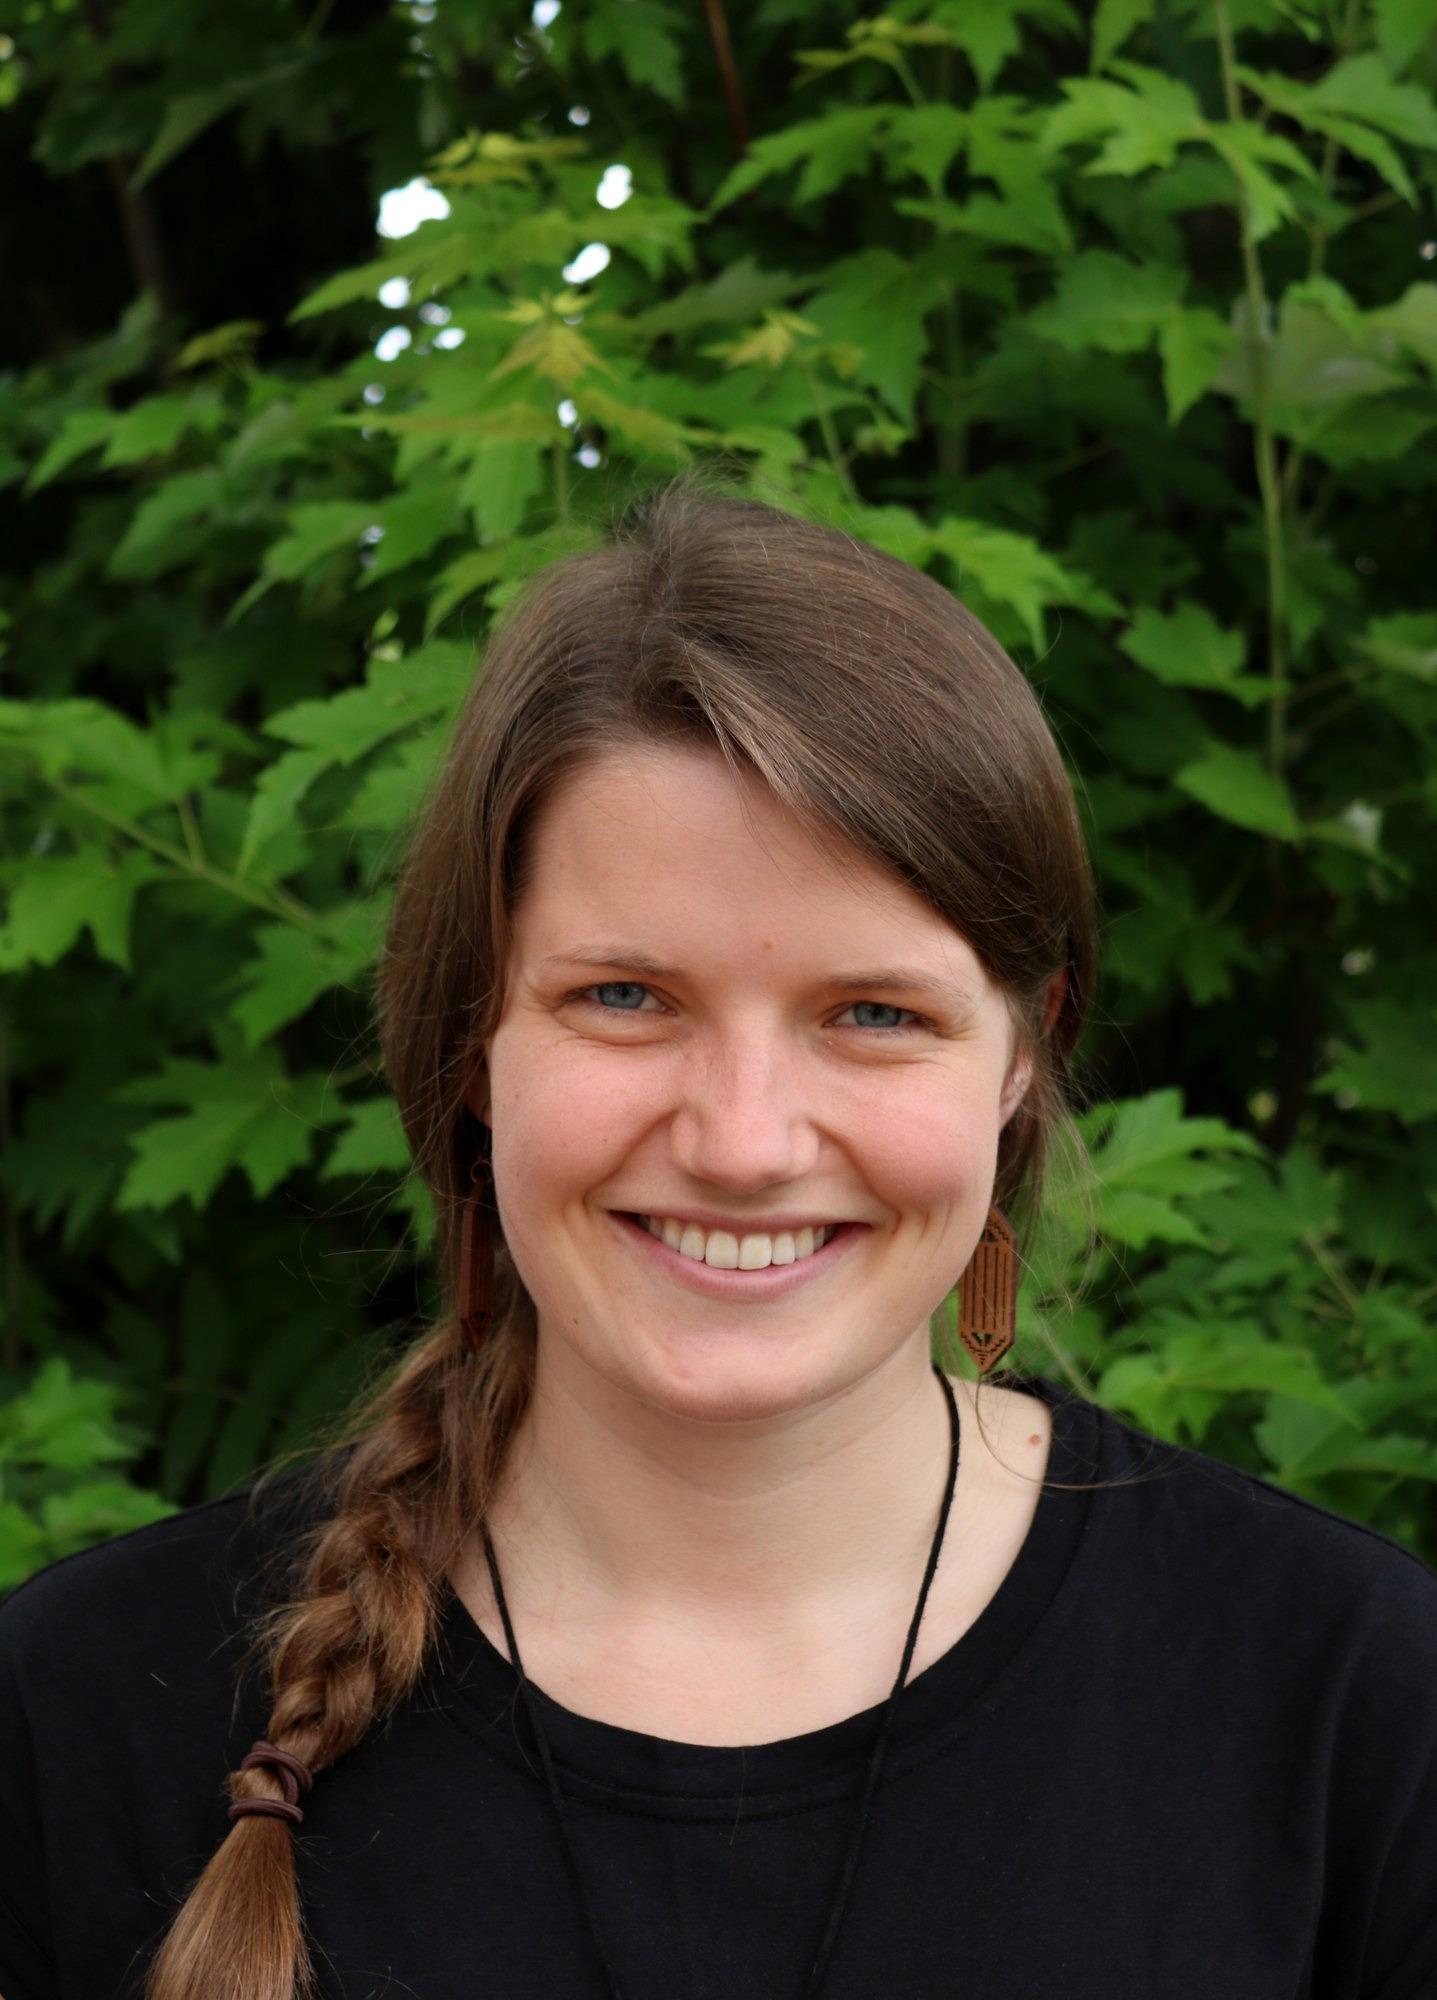 Eva-Maria Hille